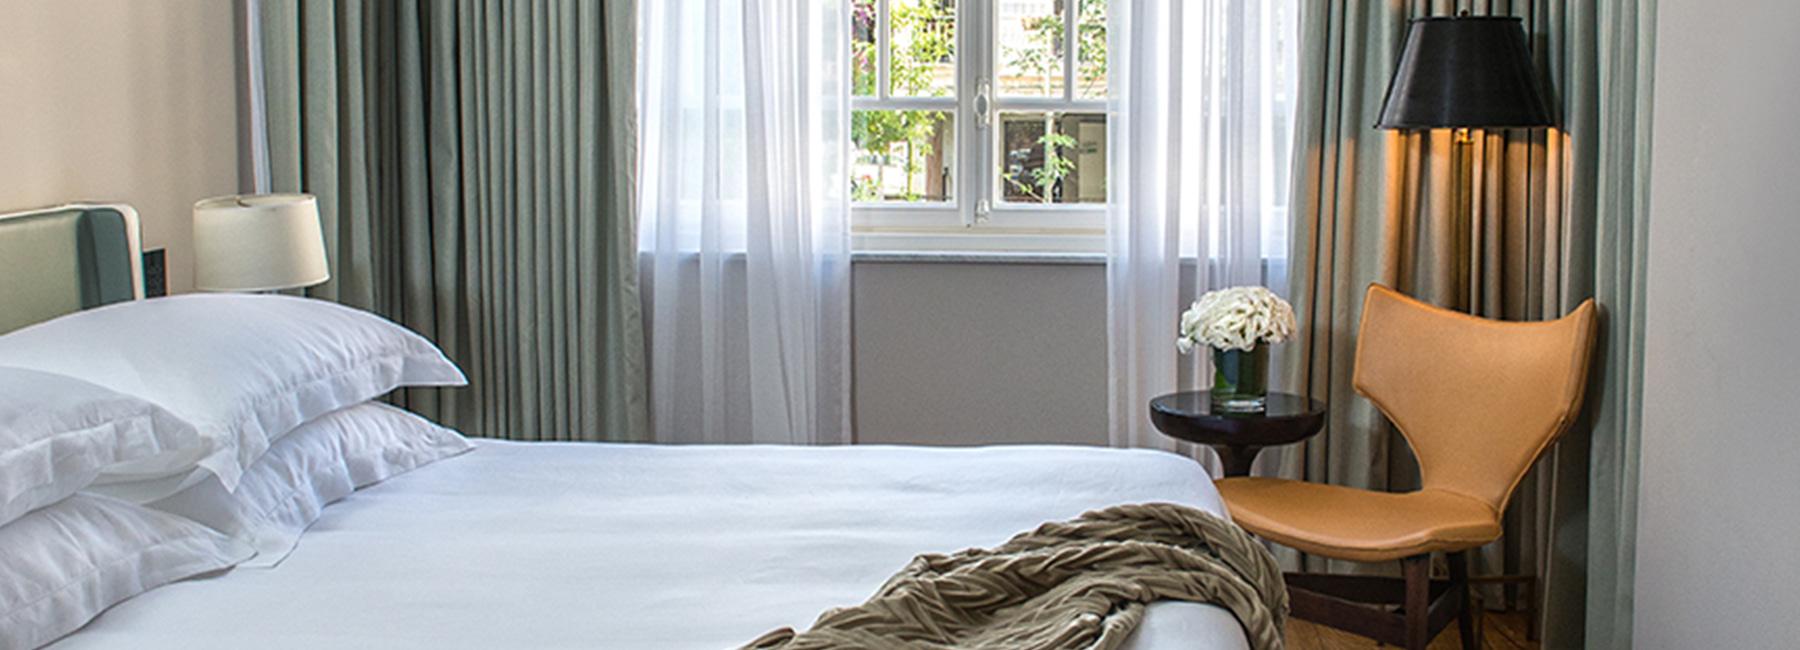 luxury boutique hotel in tel aviv